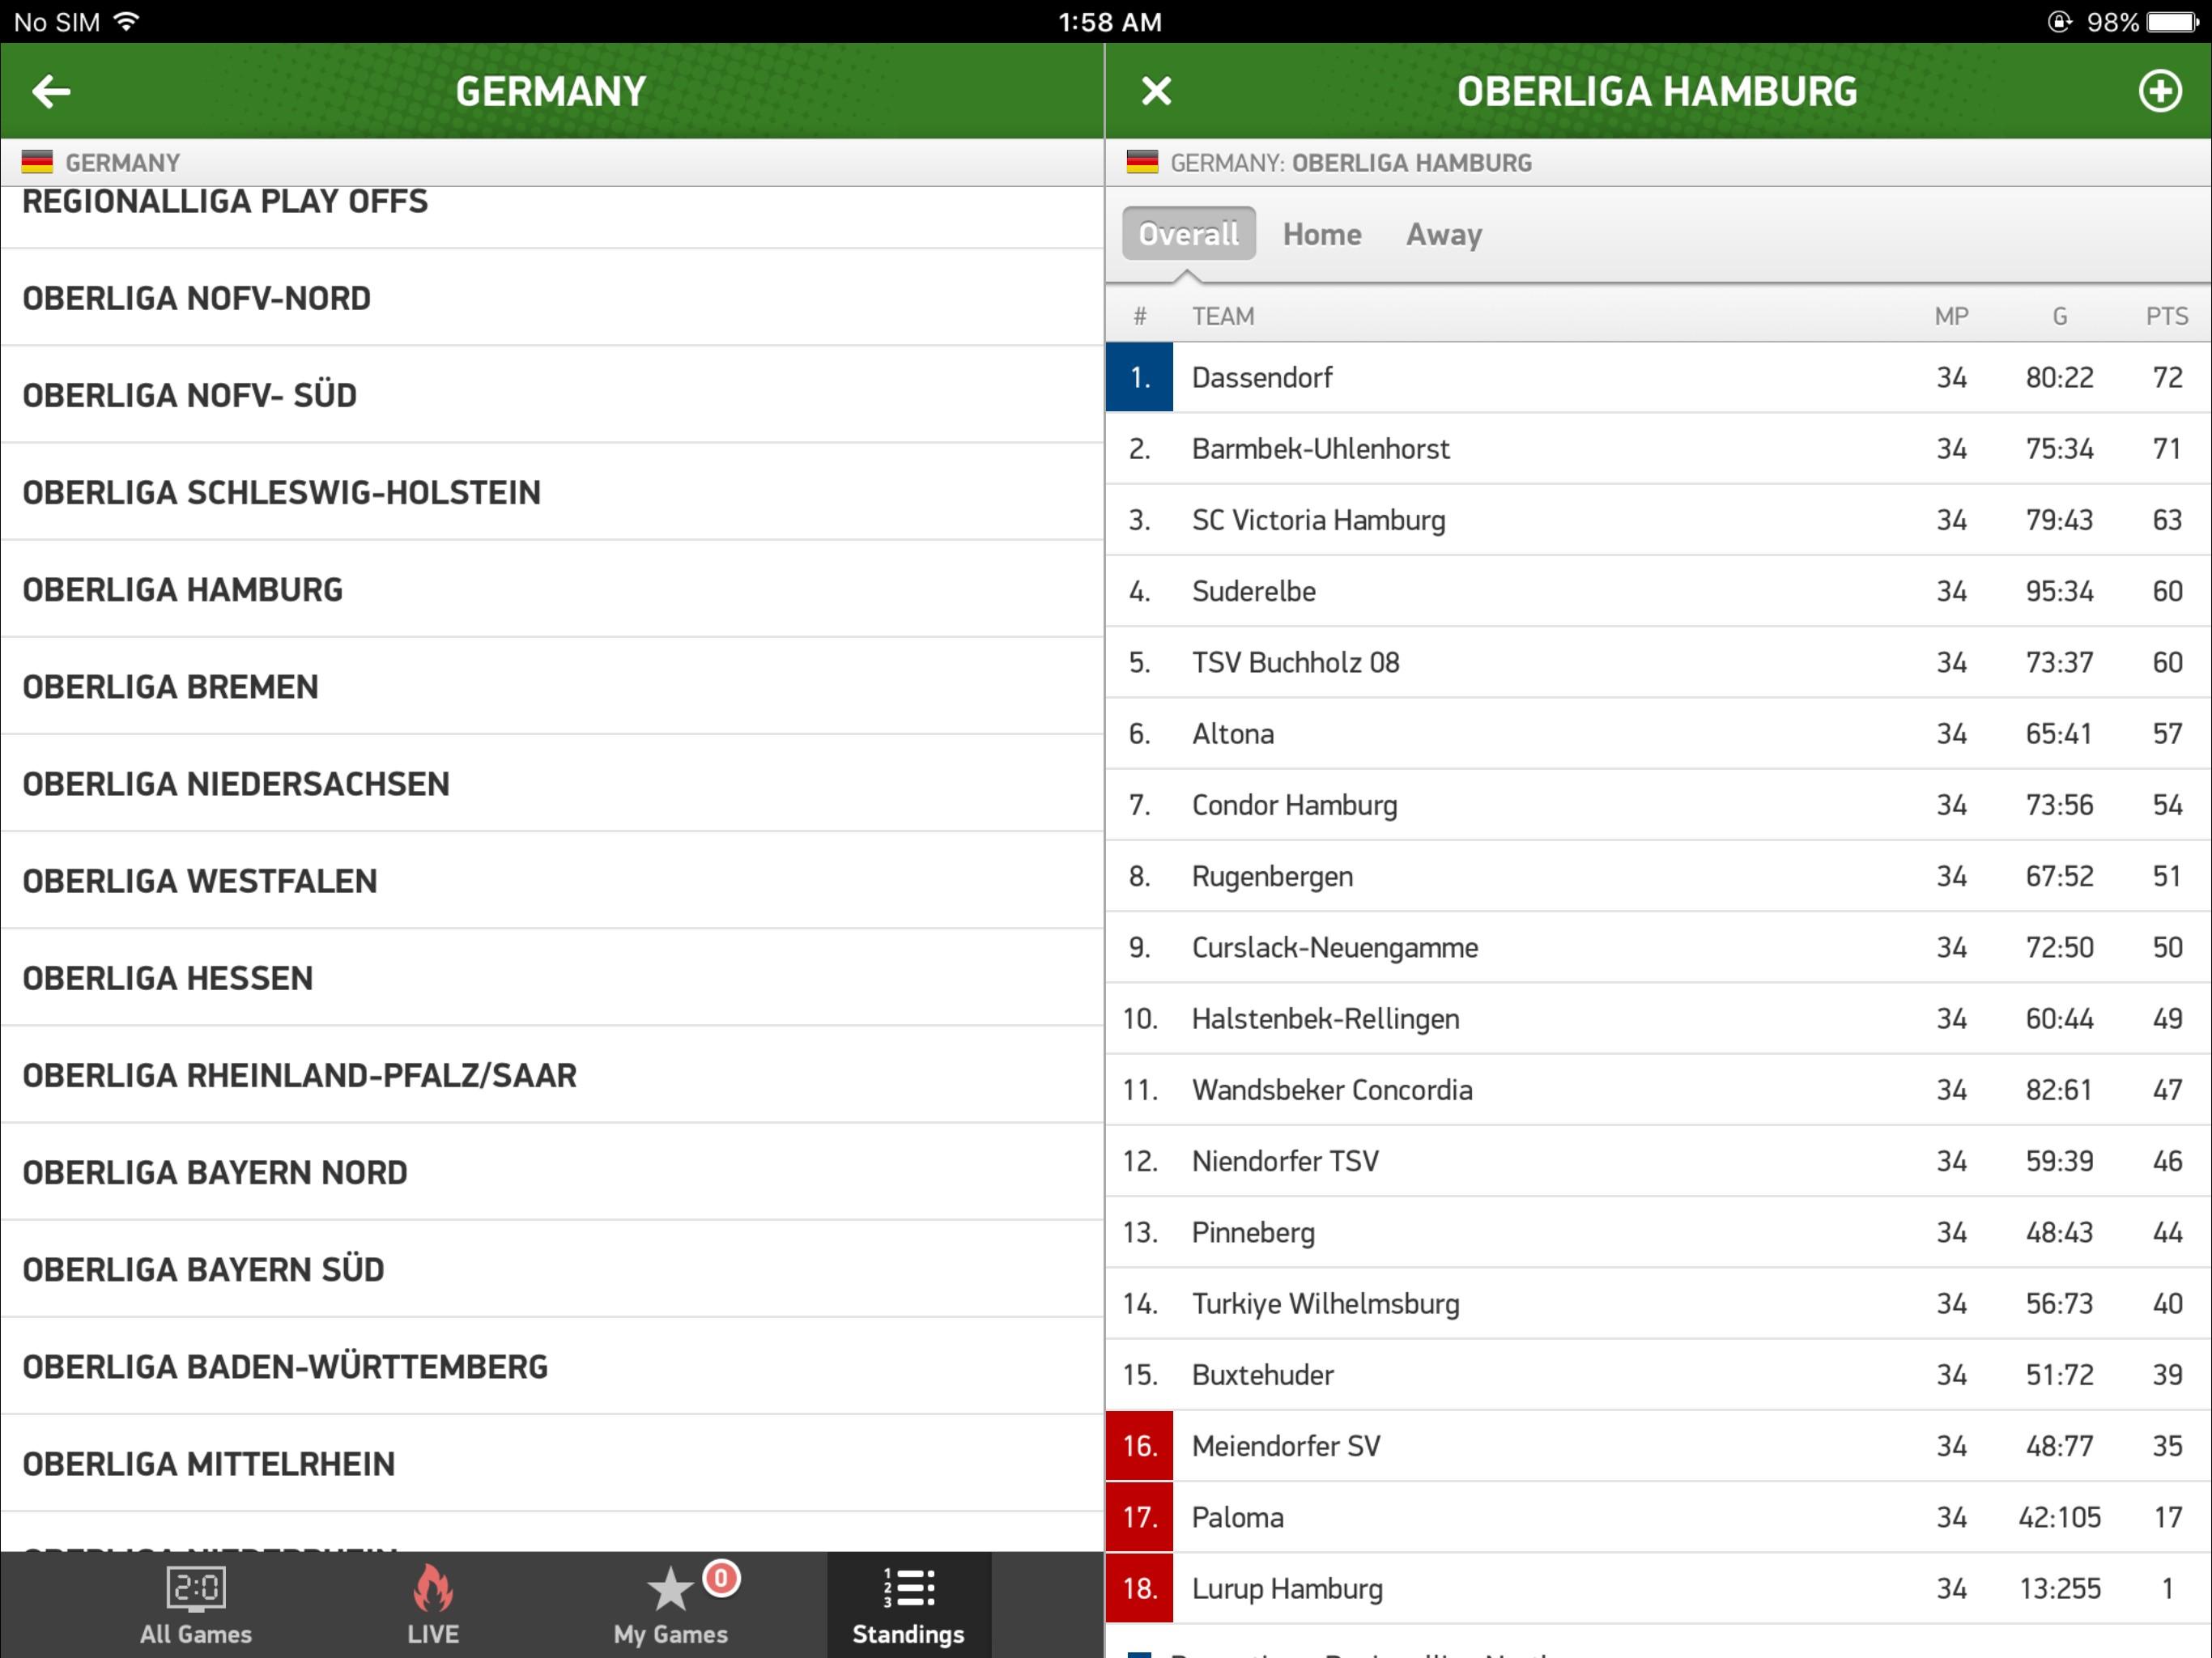 Команда пятого немецкого дивизиона пропустила в 34 матчах 255 мячей